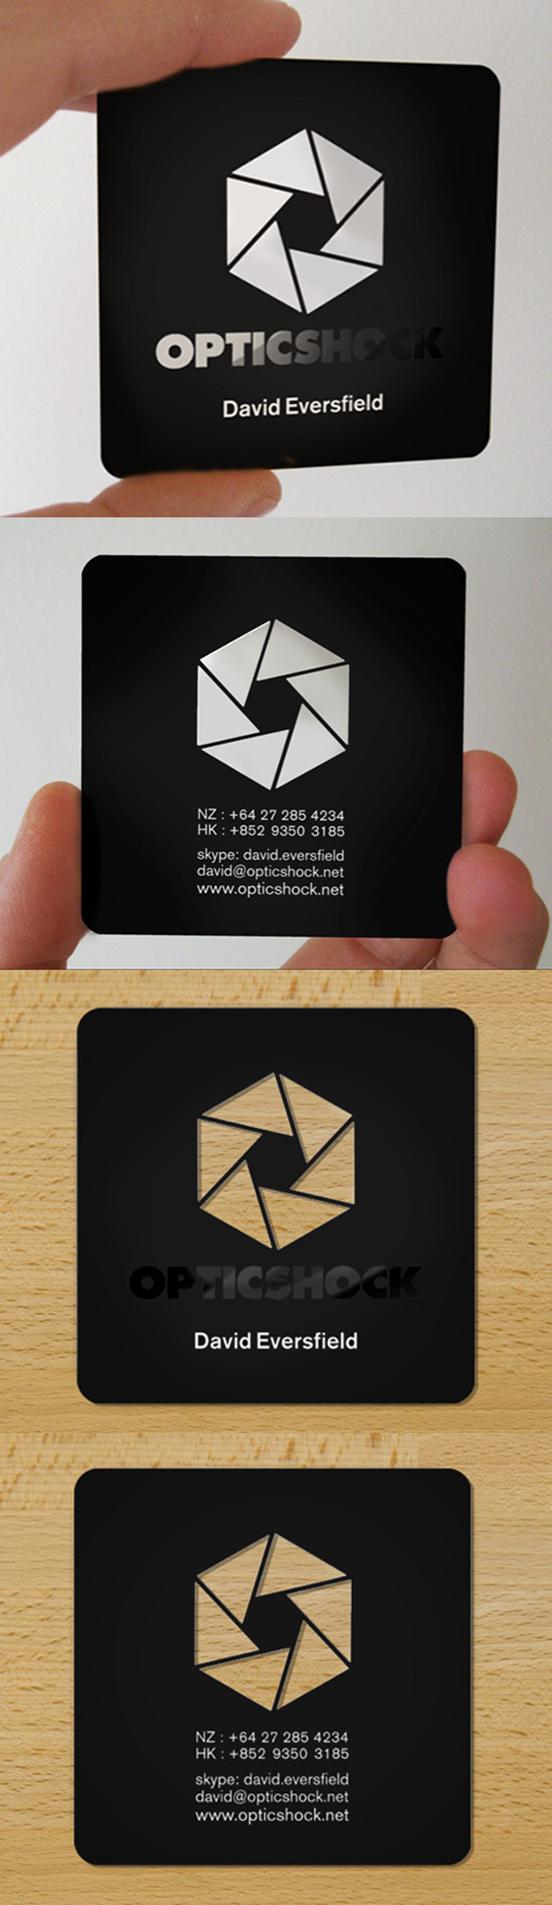 Slick Laser Cut Black Plastic Business Card Cards The Design Inspiration